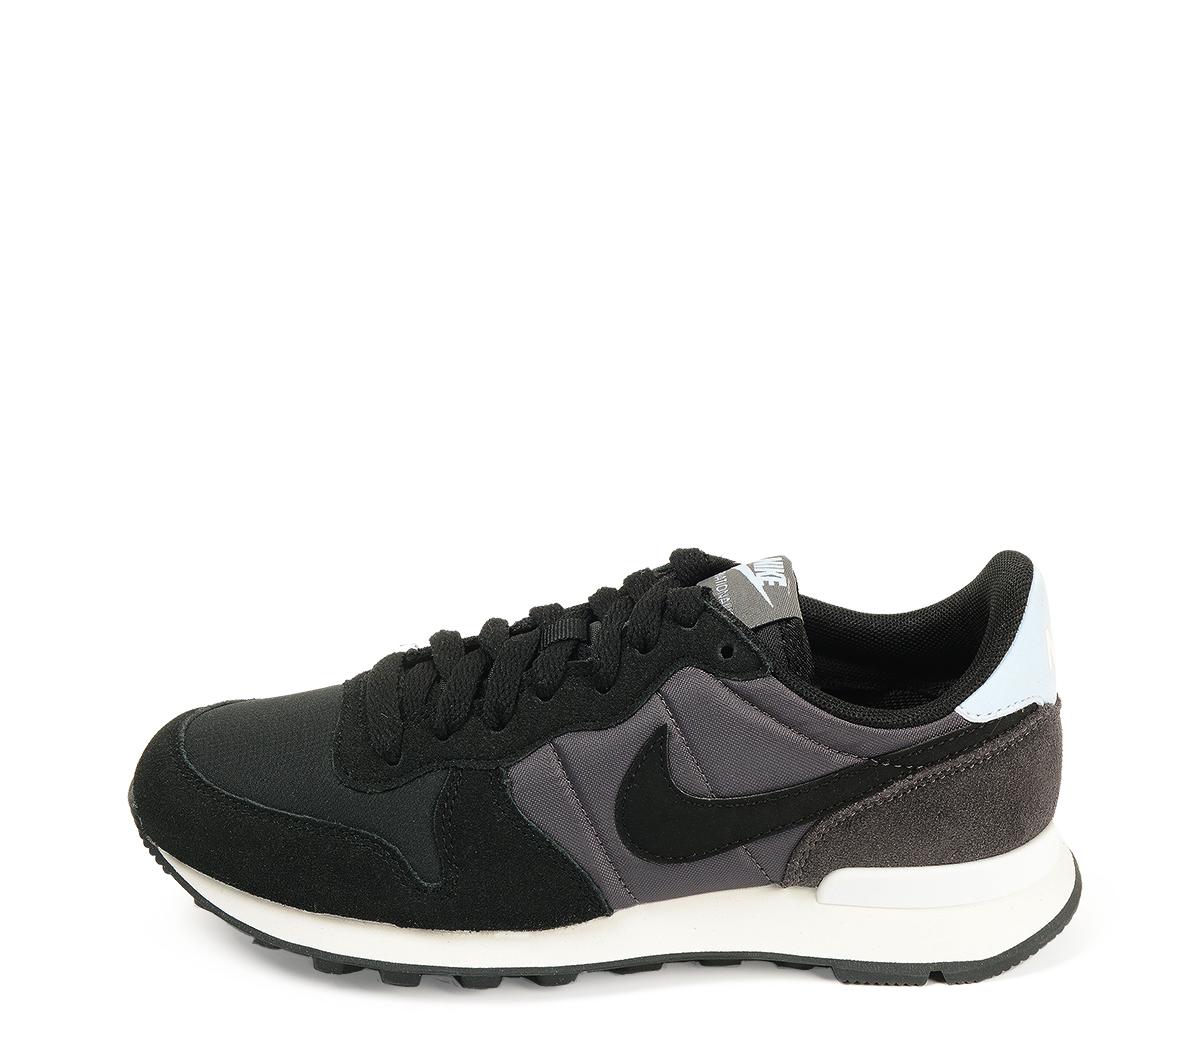 Ref. 4534 Nike internationalist combinada en serraje y tela negra. Simbolo lateral en piel blanco.